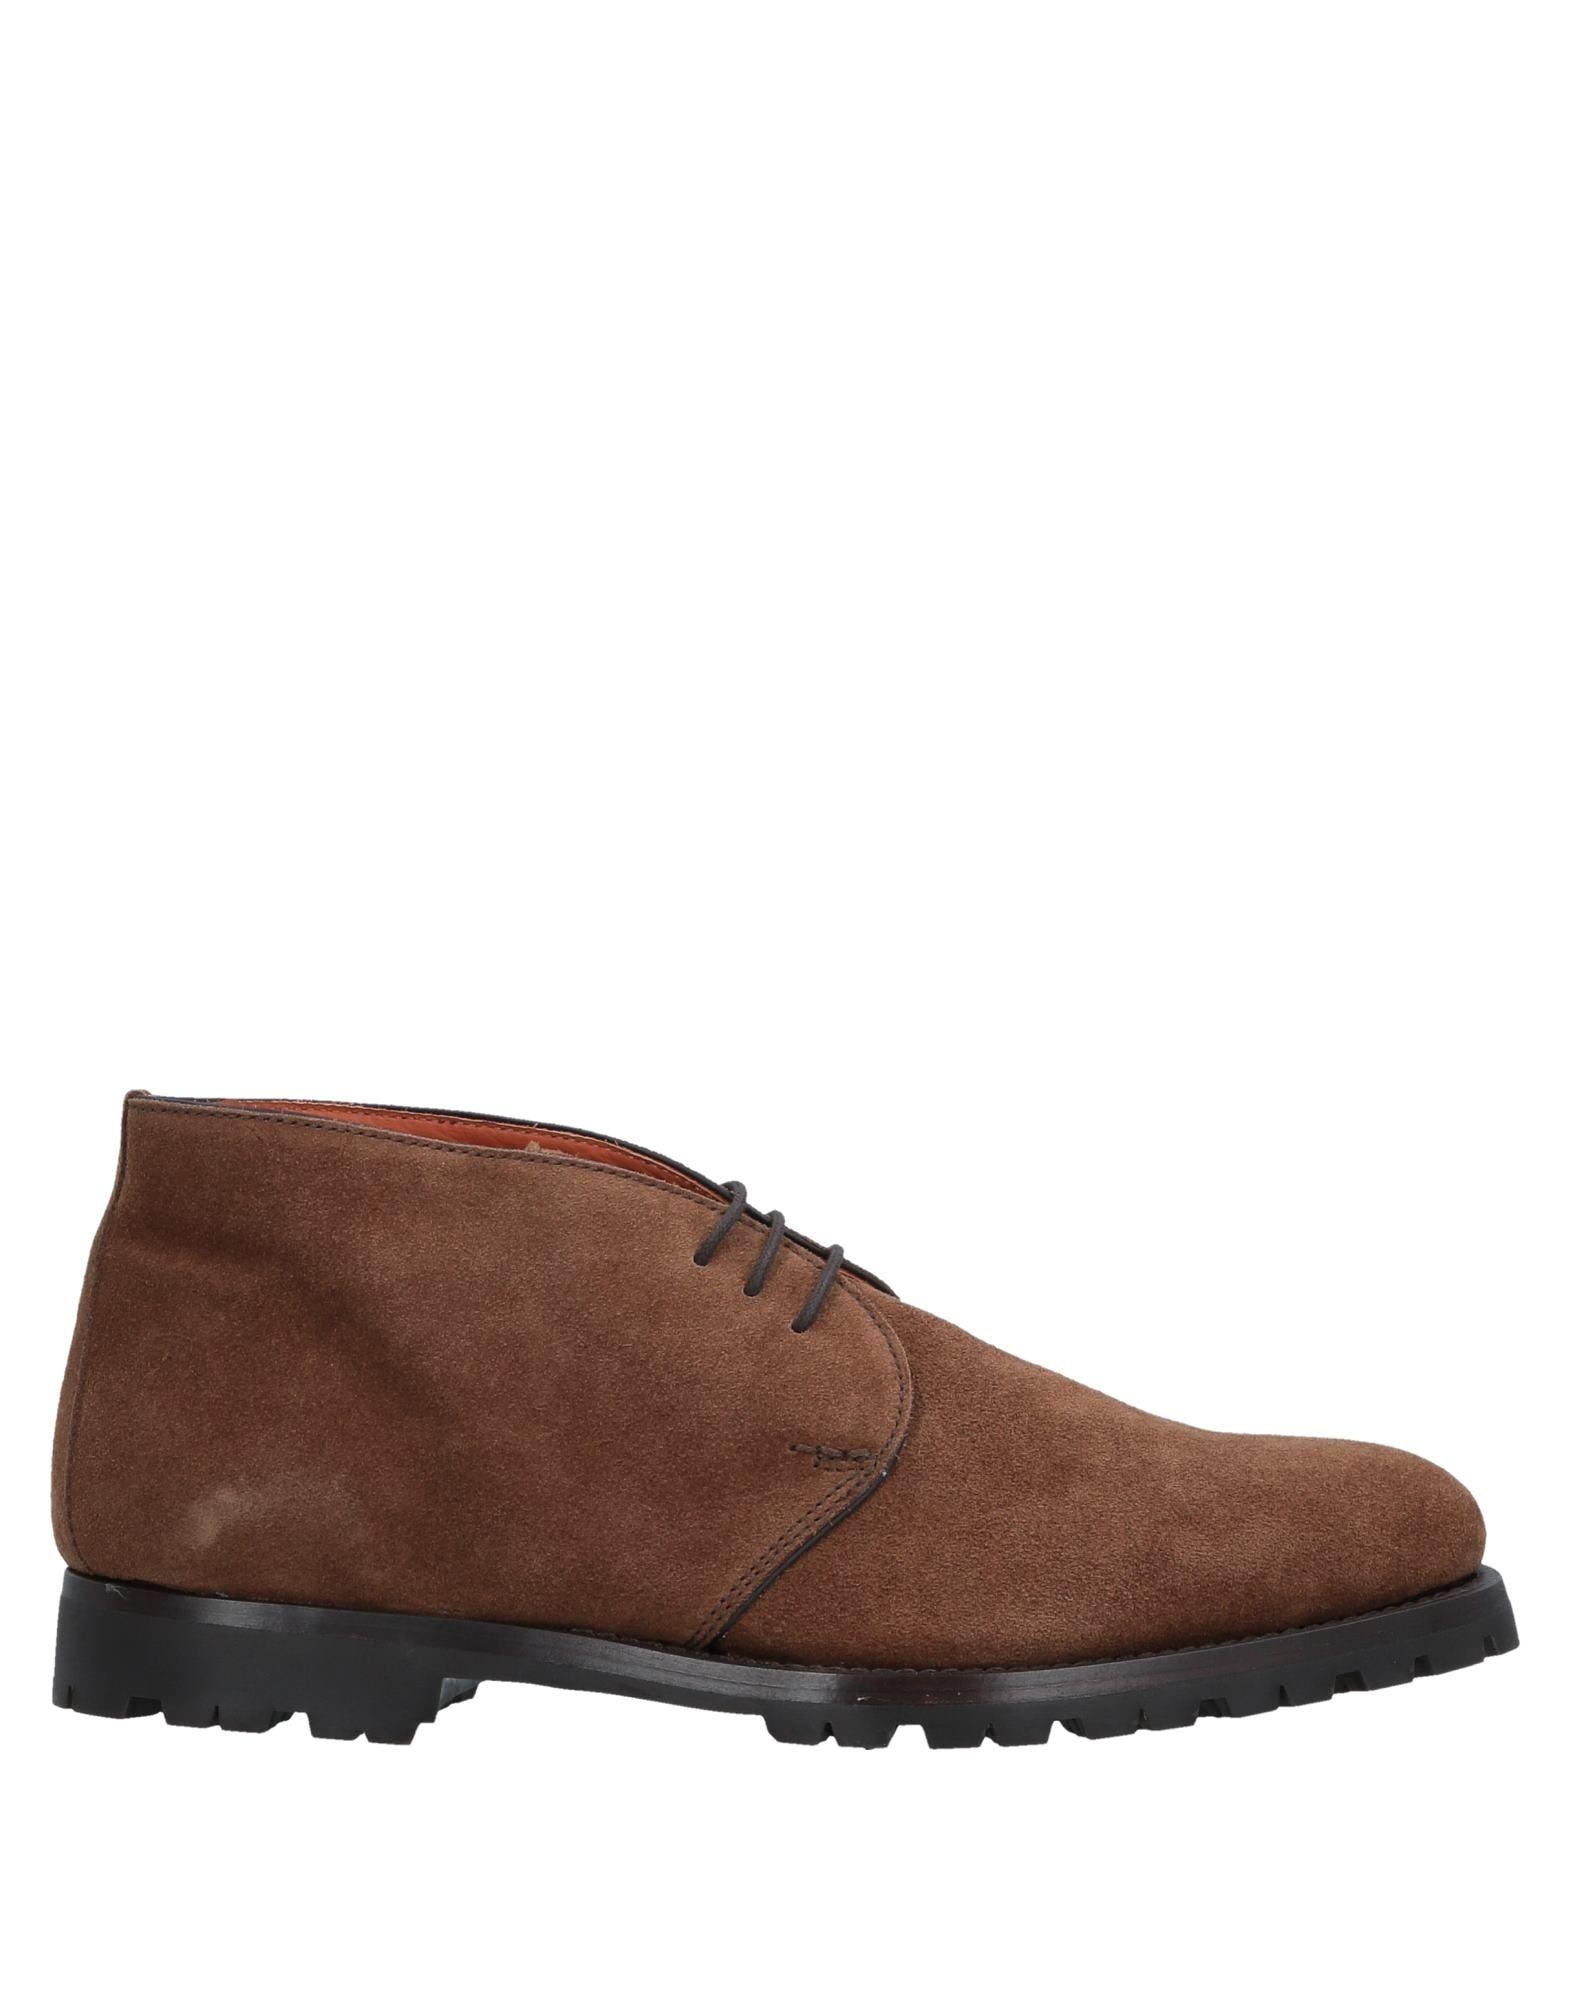 ANDREA VENTURA FIRENZE Полусапоги и высокие ботинки fibra firenze полусапоги и высокие ботинки